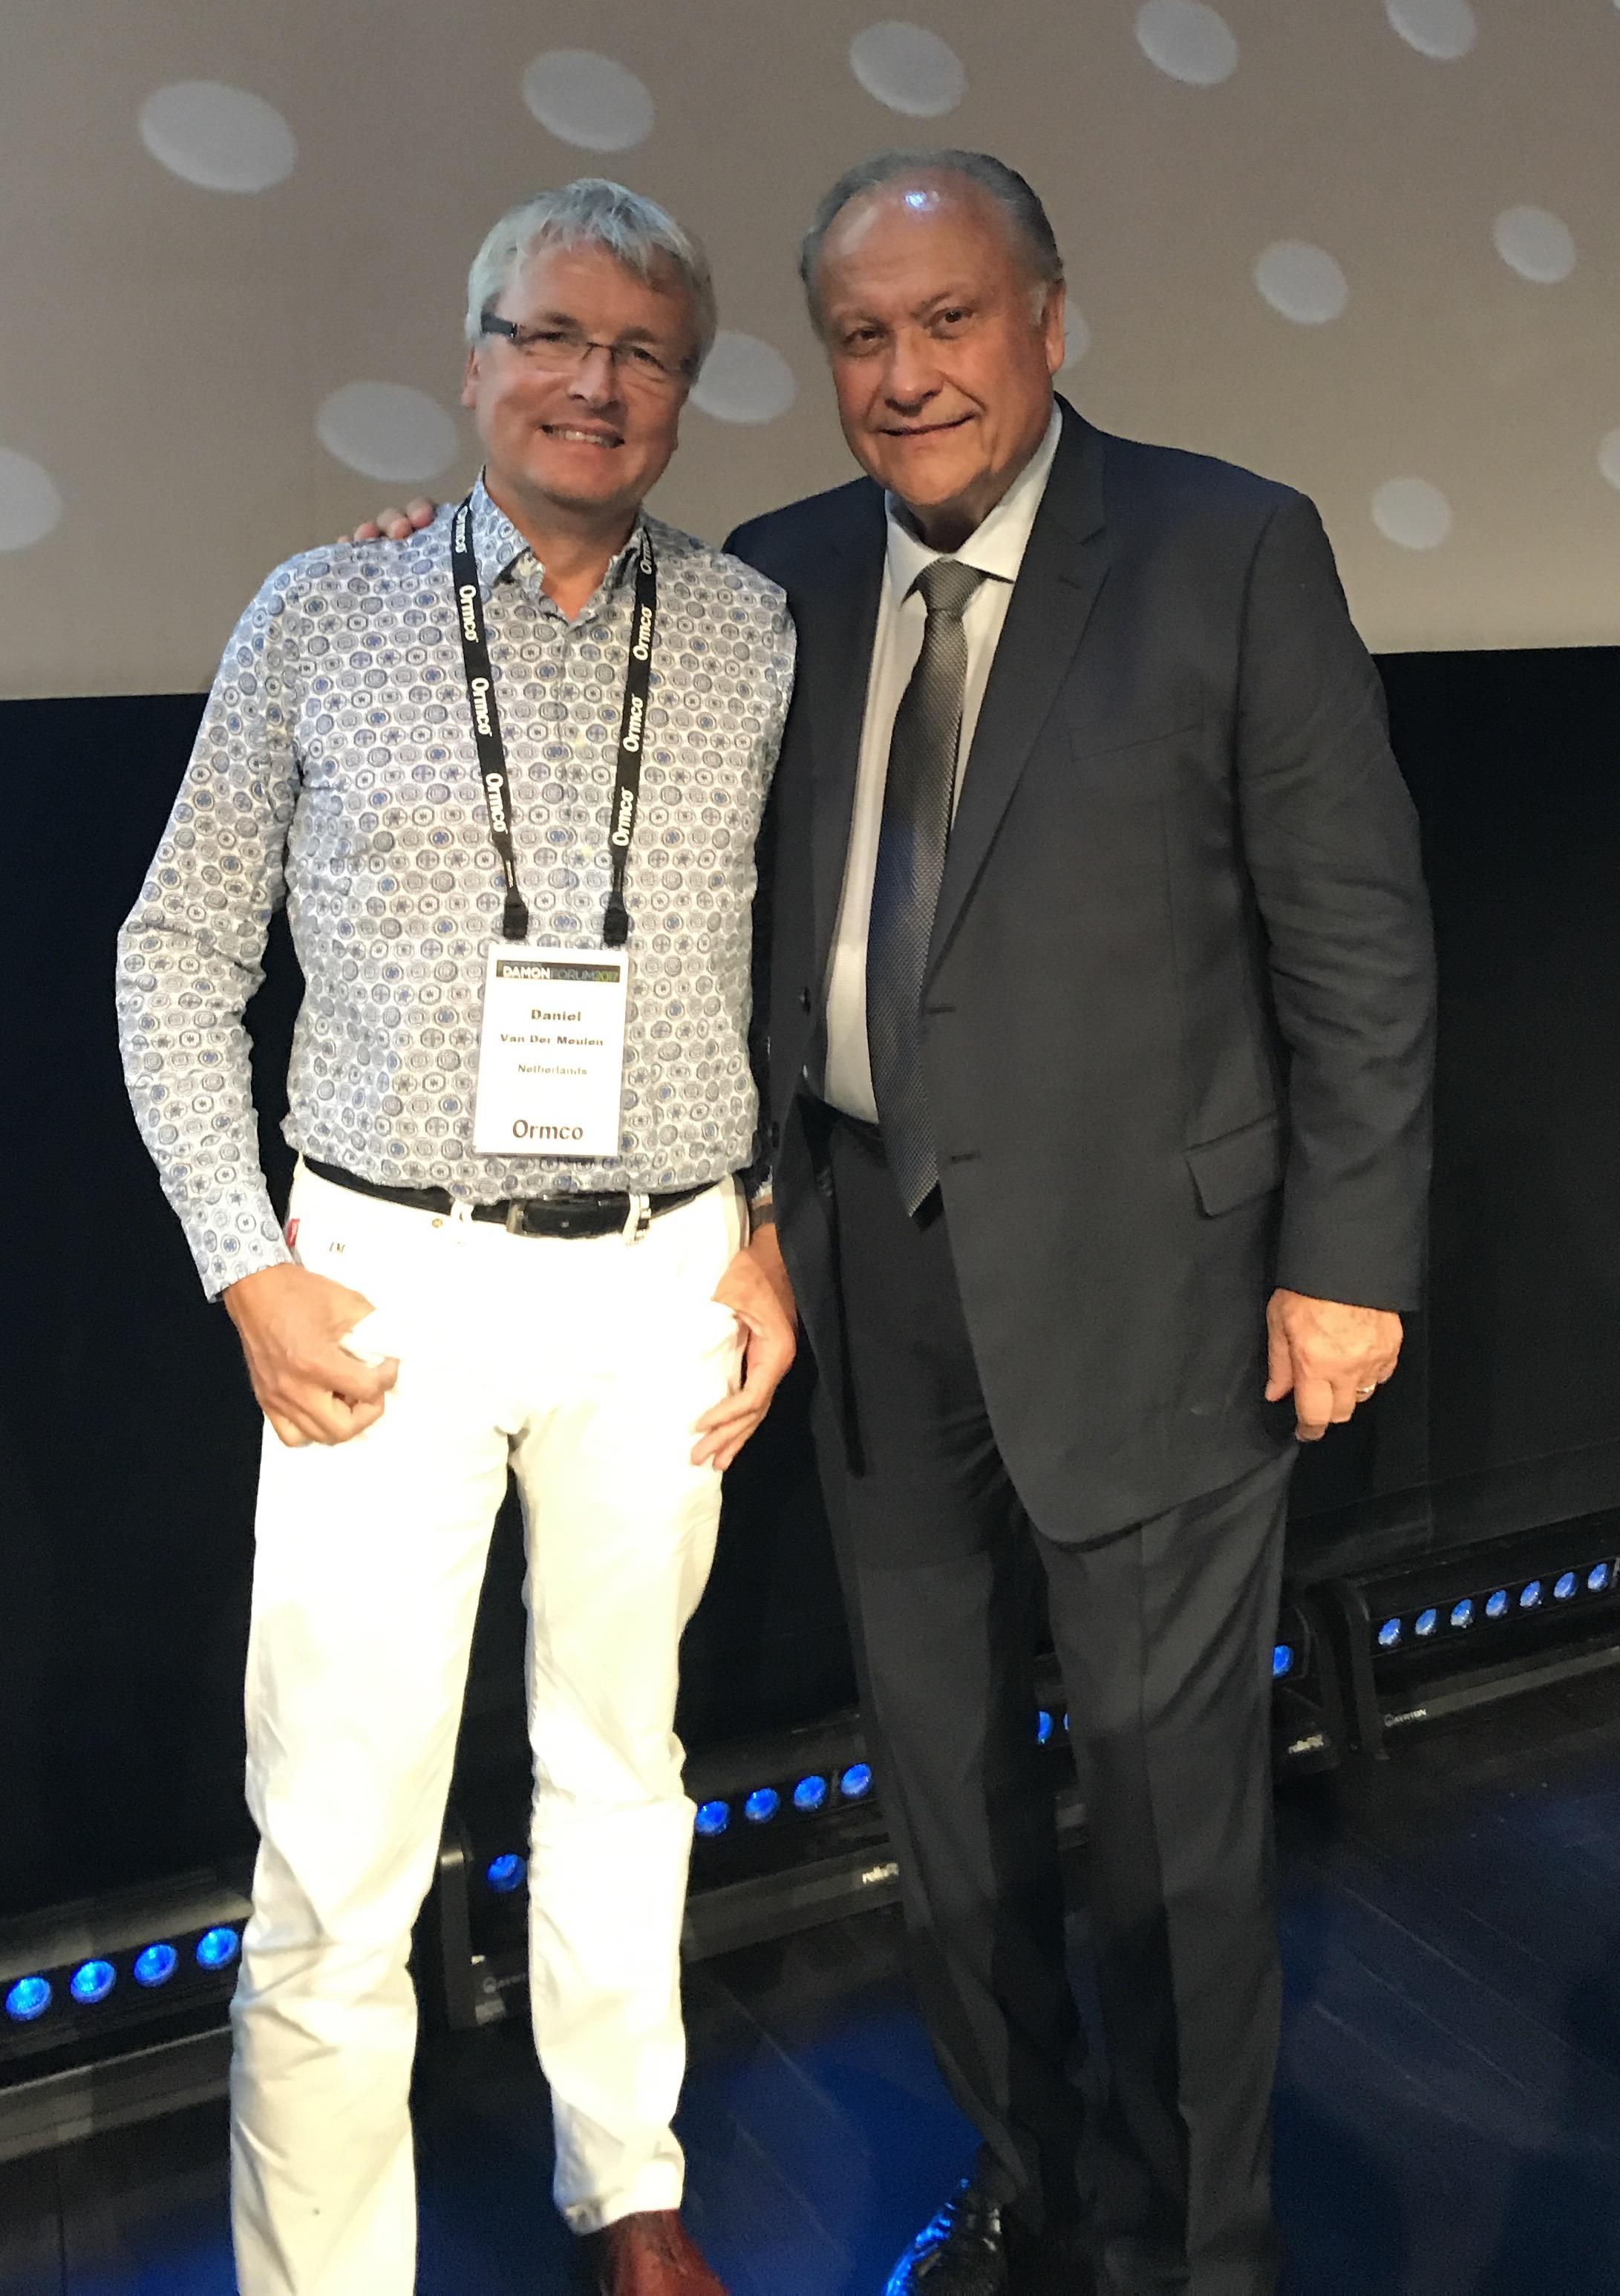 Dwight Damon in Monaco, European Damon Forum 2017 September 2017